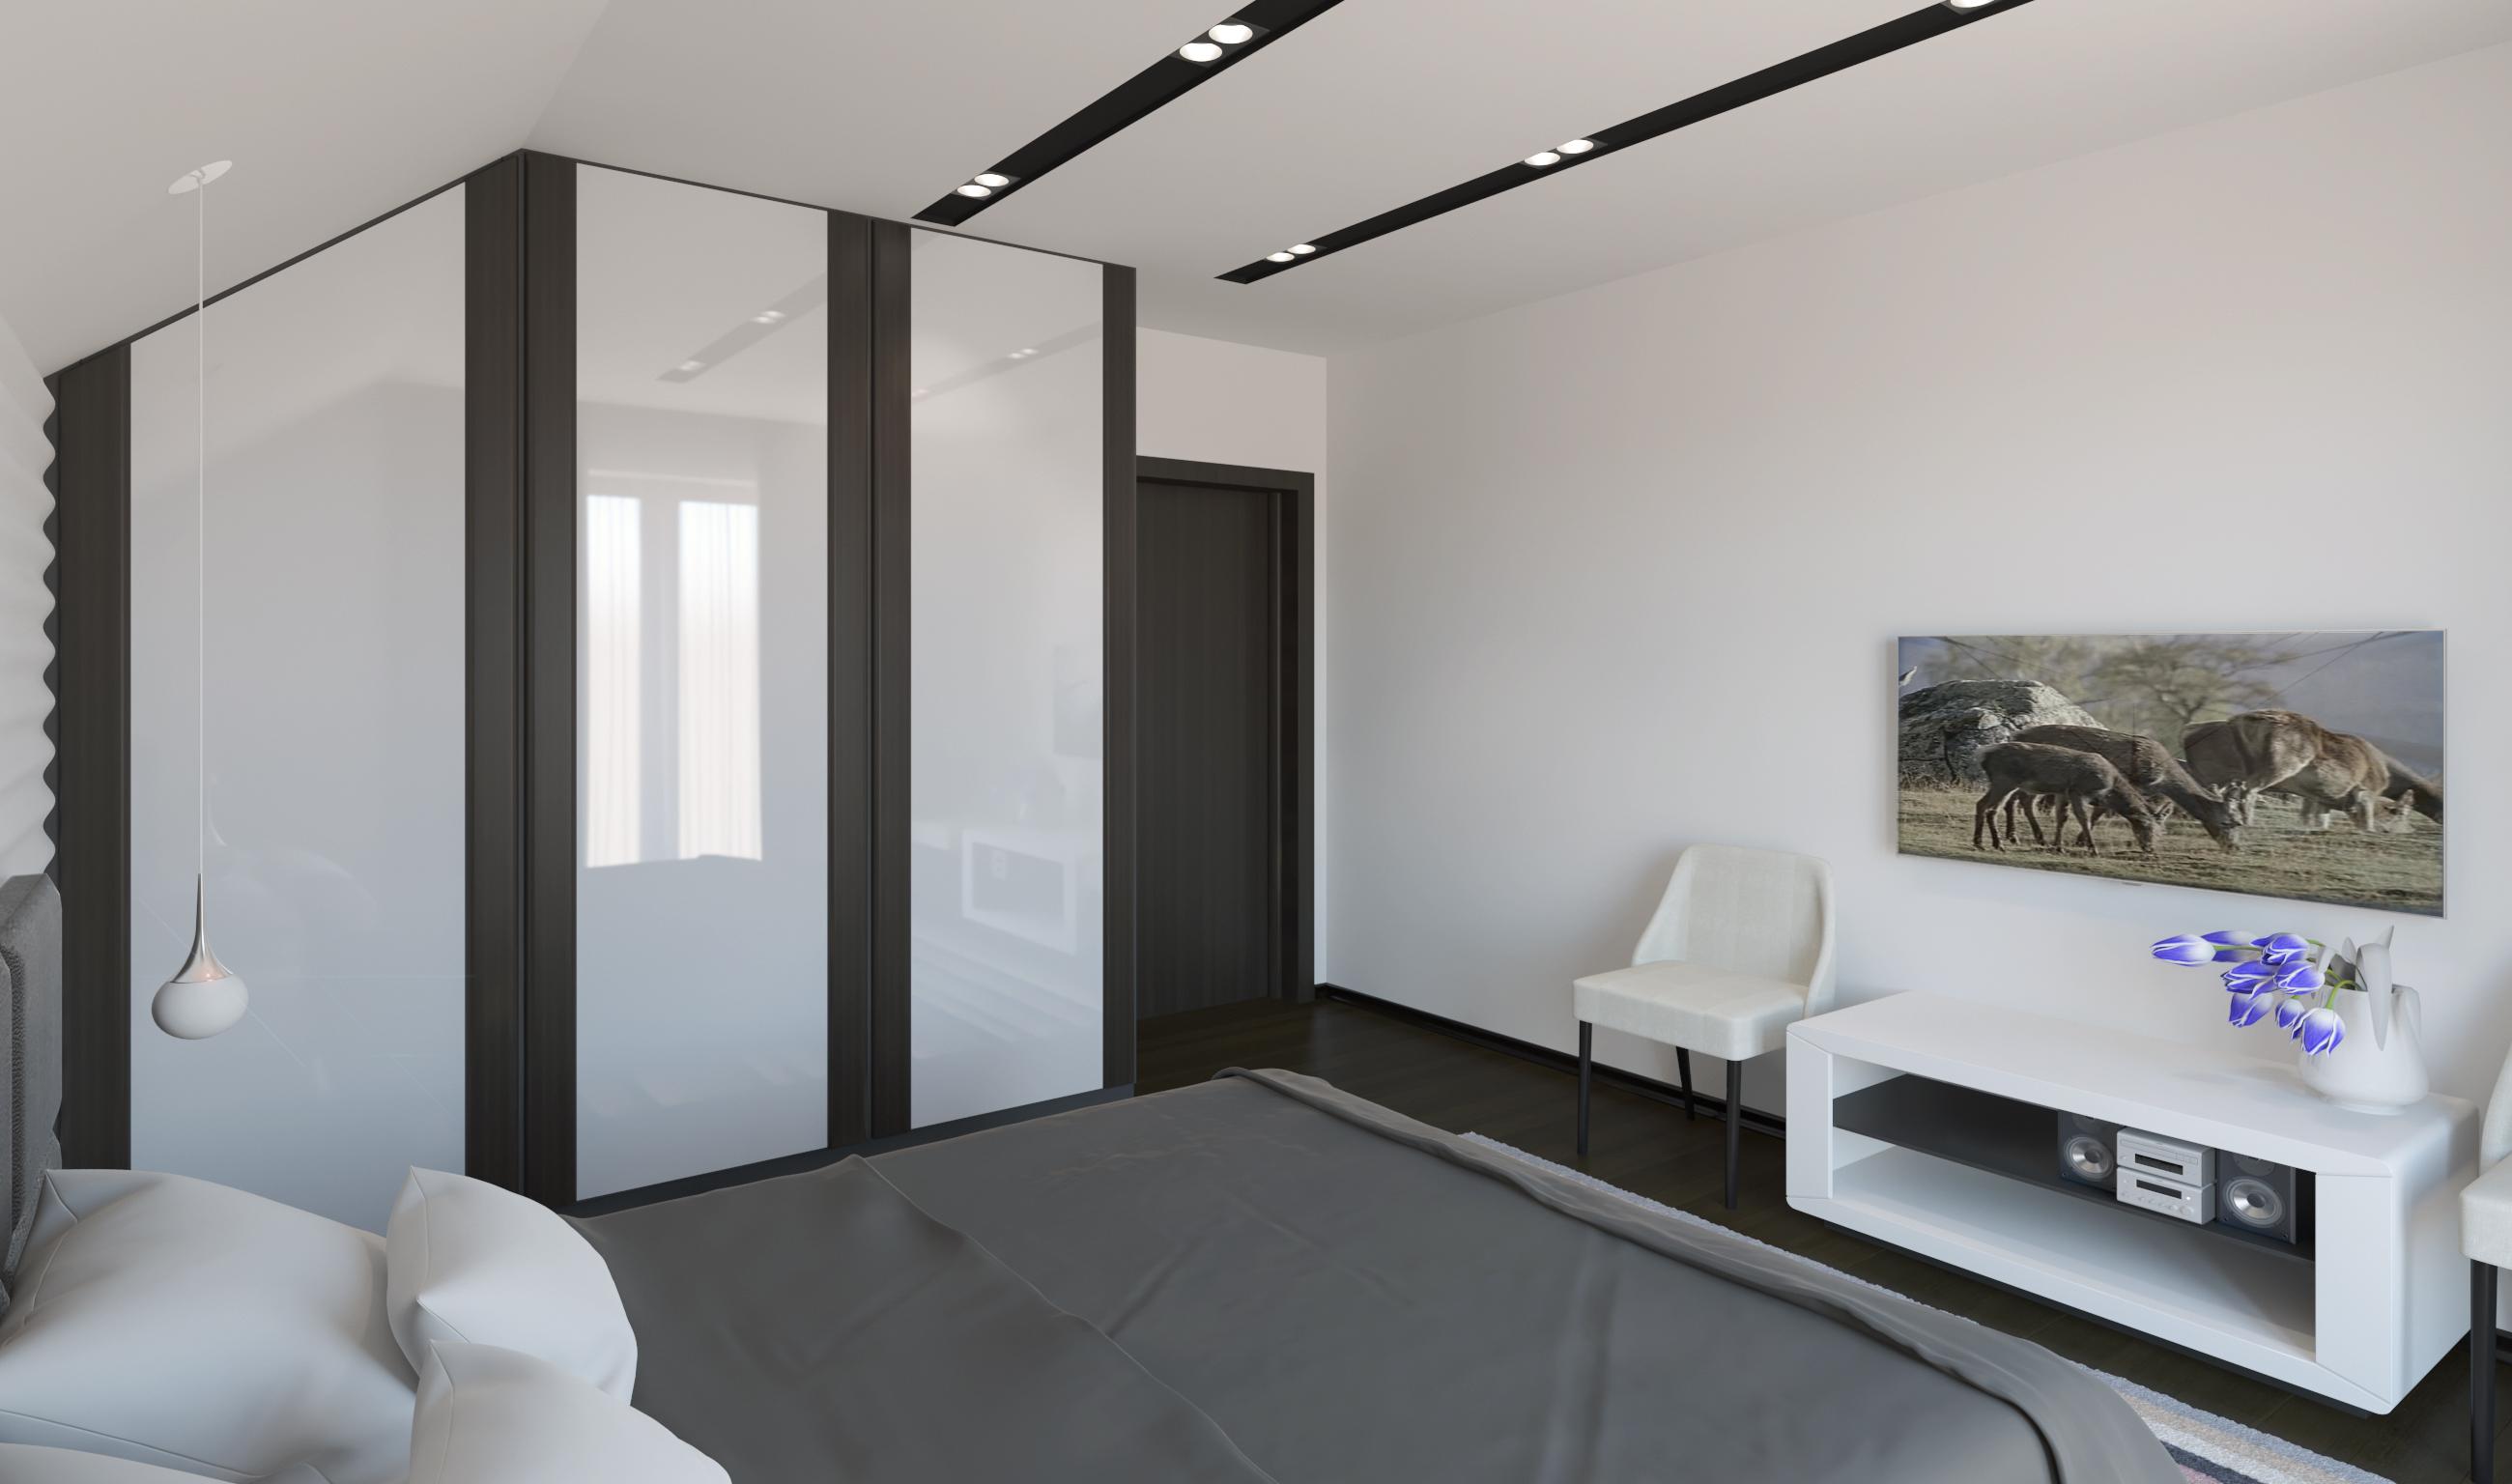 Дом в анапе 2 этаж (5)